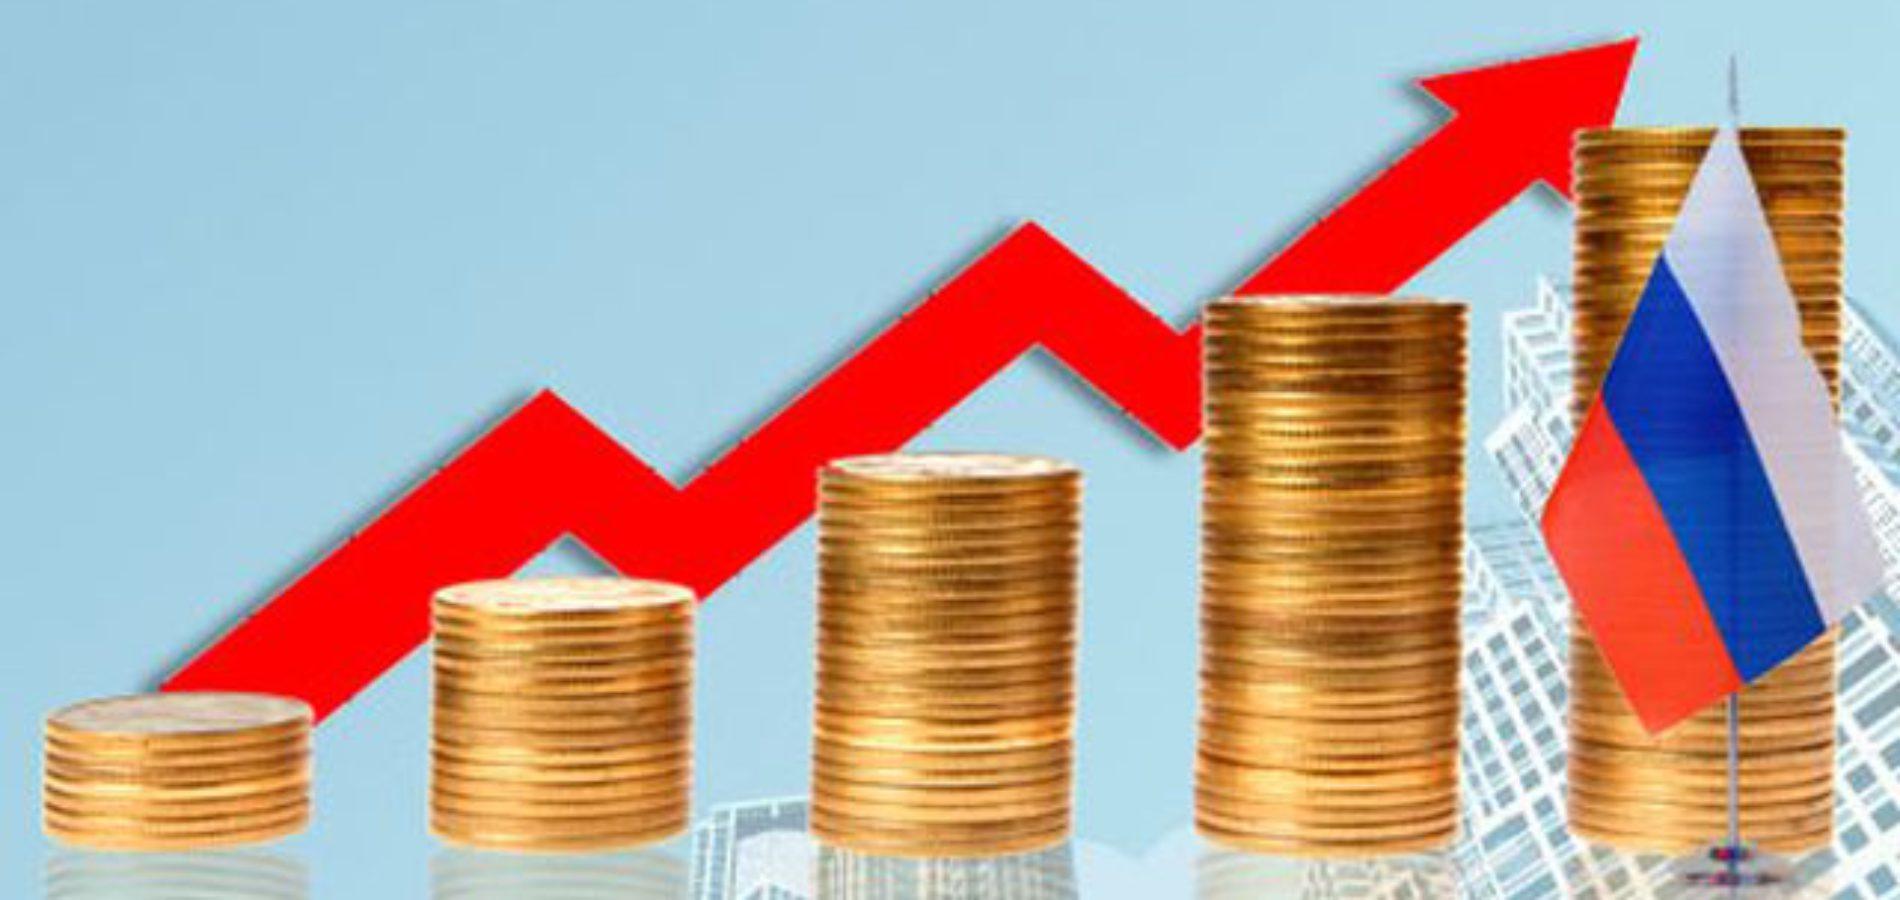 ВВП России может расти на 5% в год при реализации экономических реформ